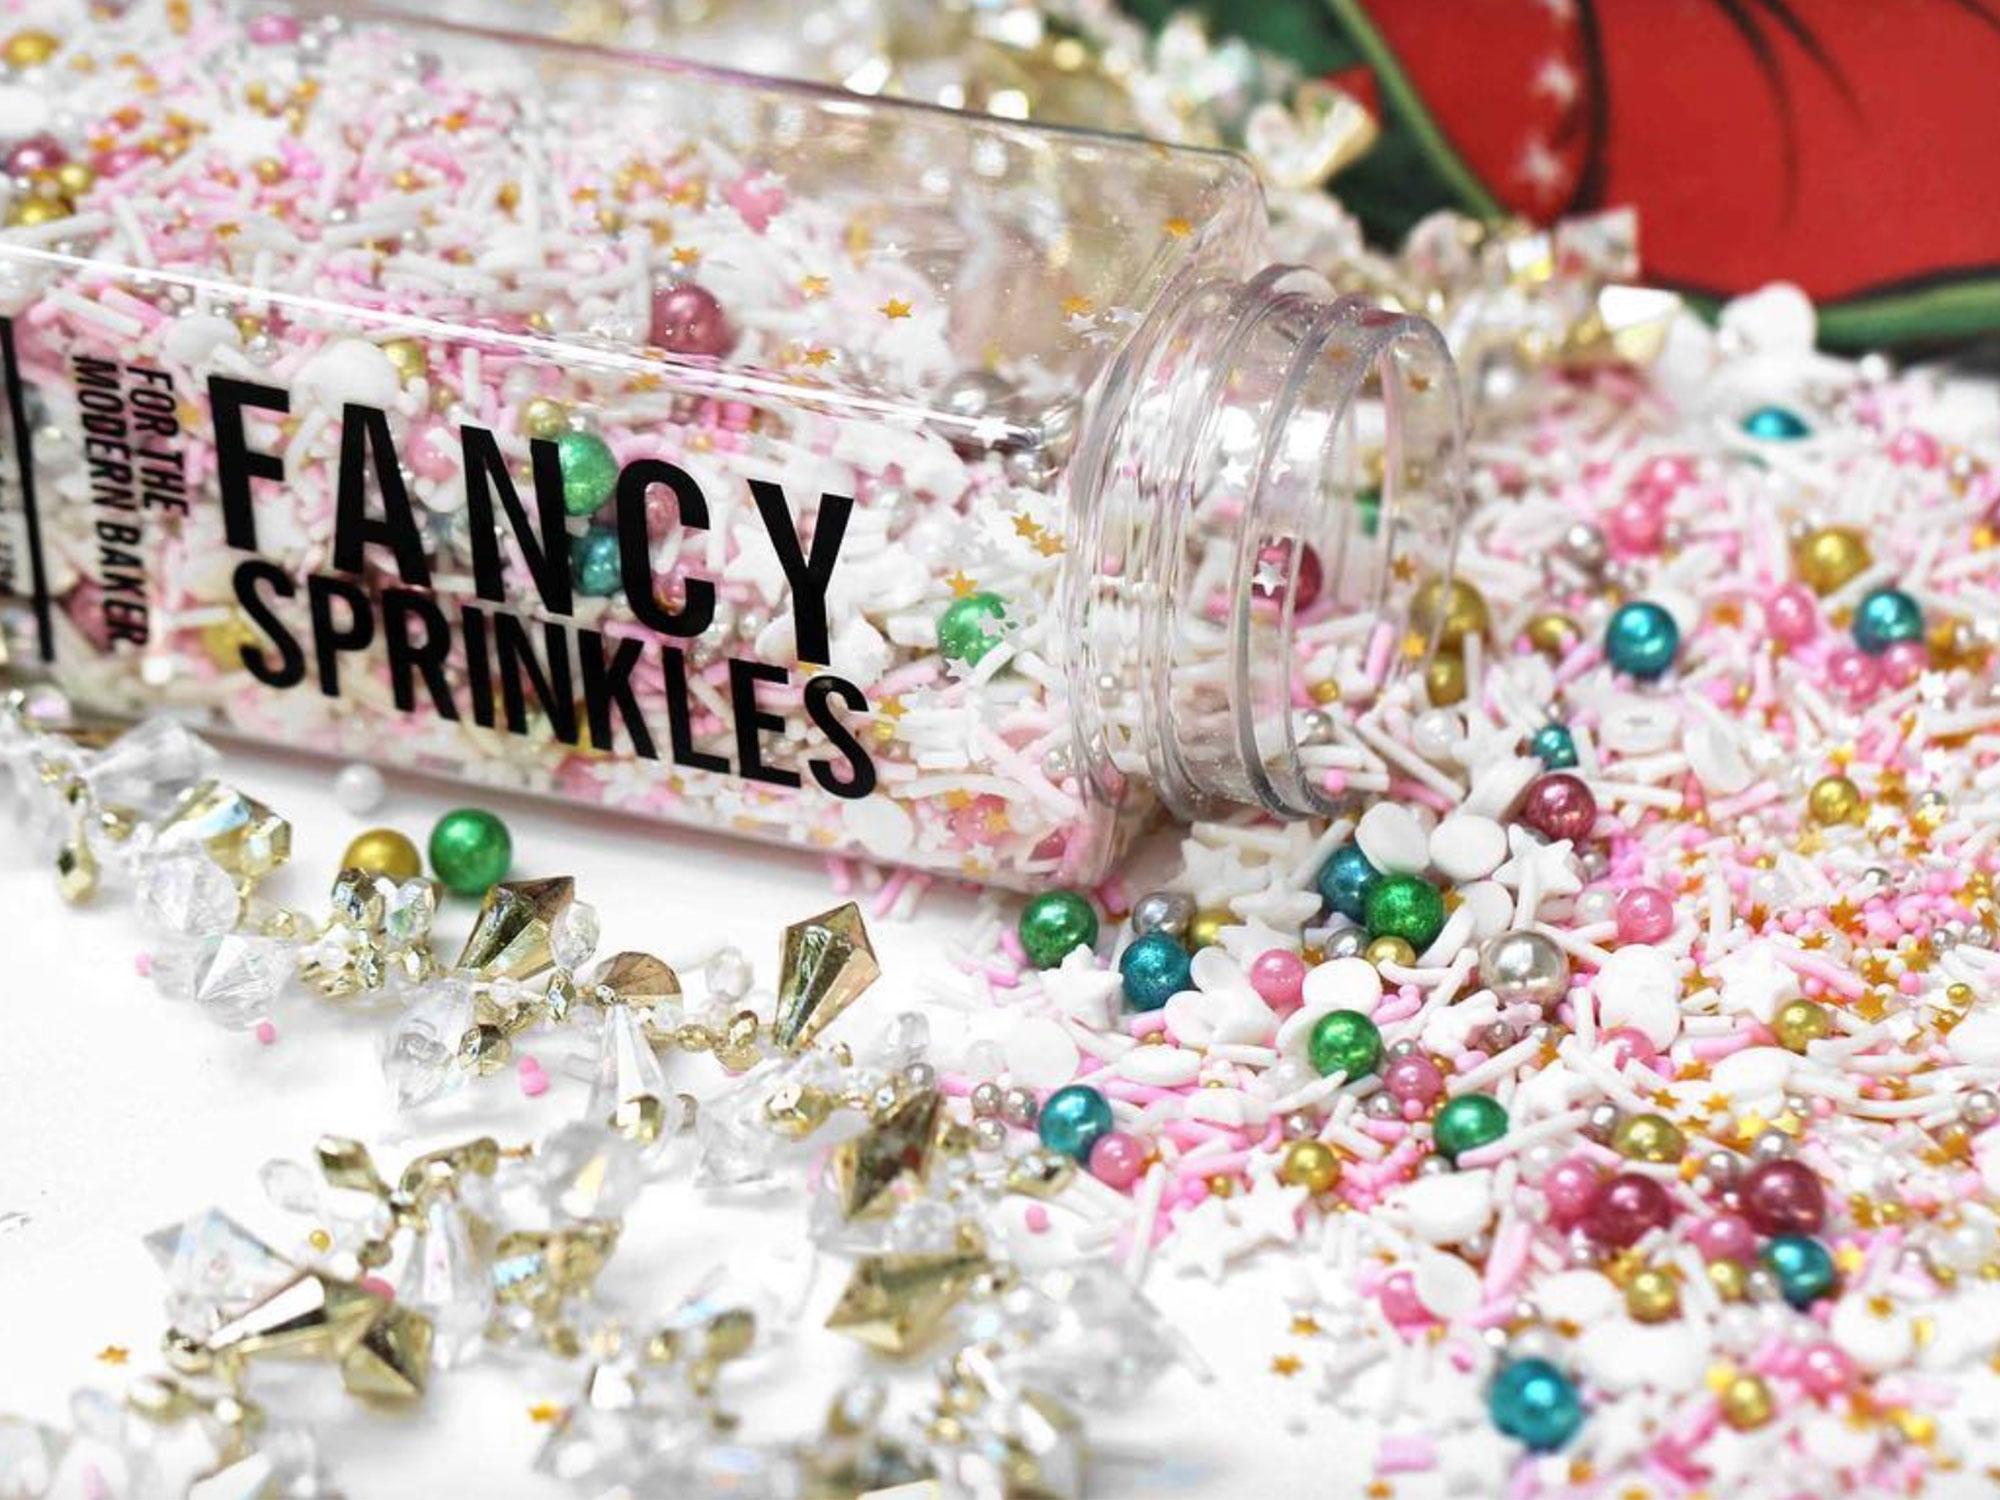 fancy-sprinkles.jpg